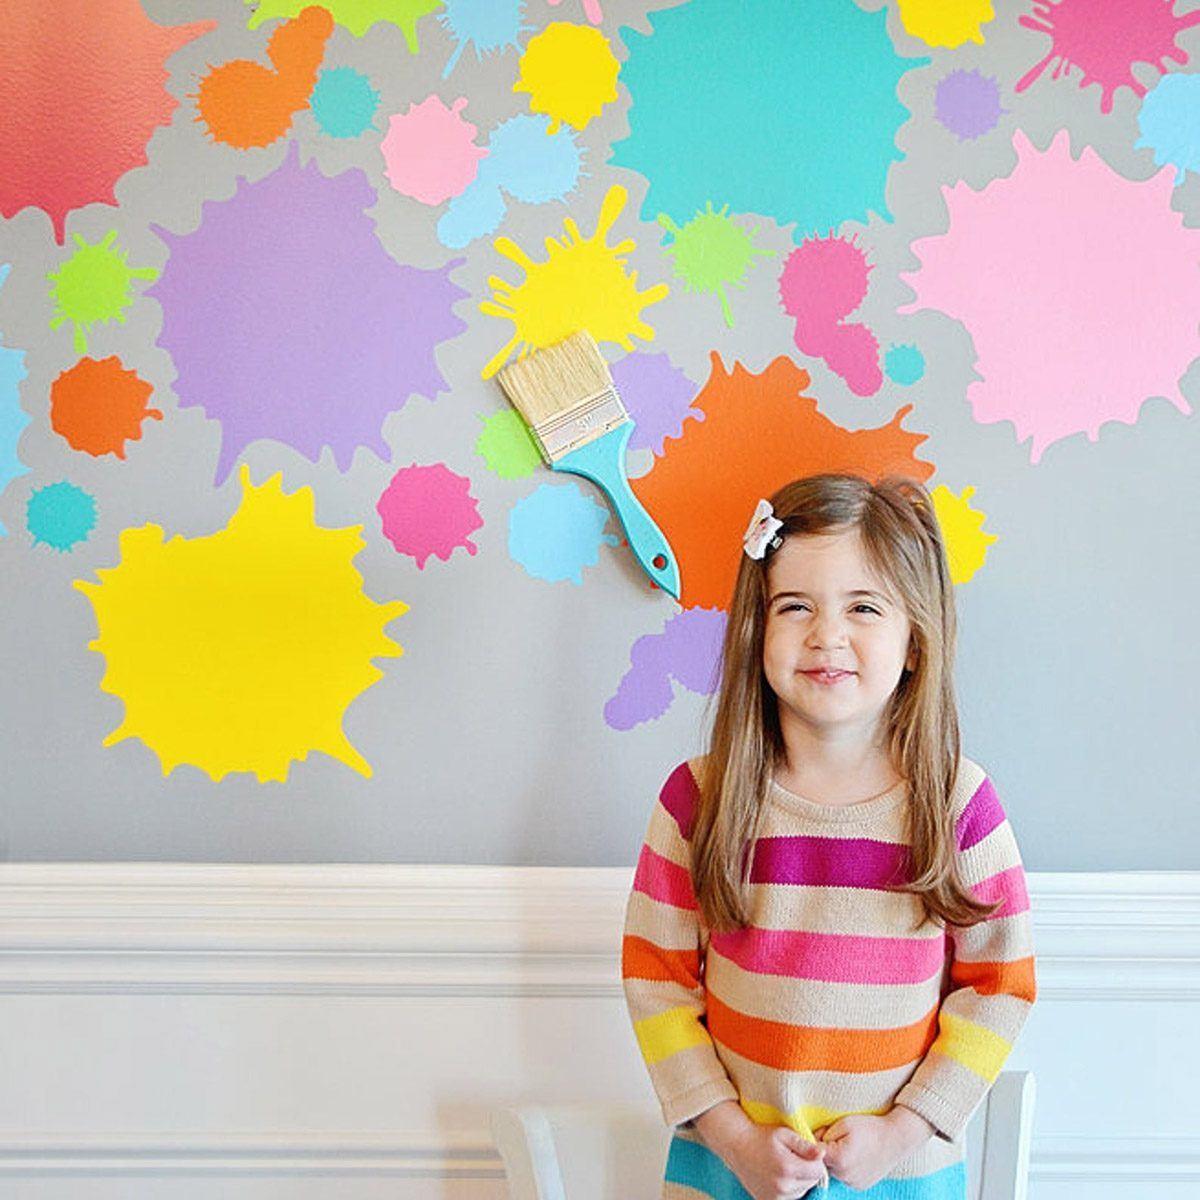 Cómo decorar fiestas infantiles con materiales reciclados manchas colores